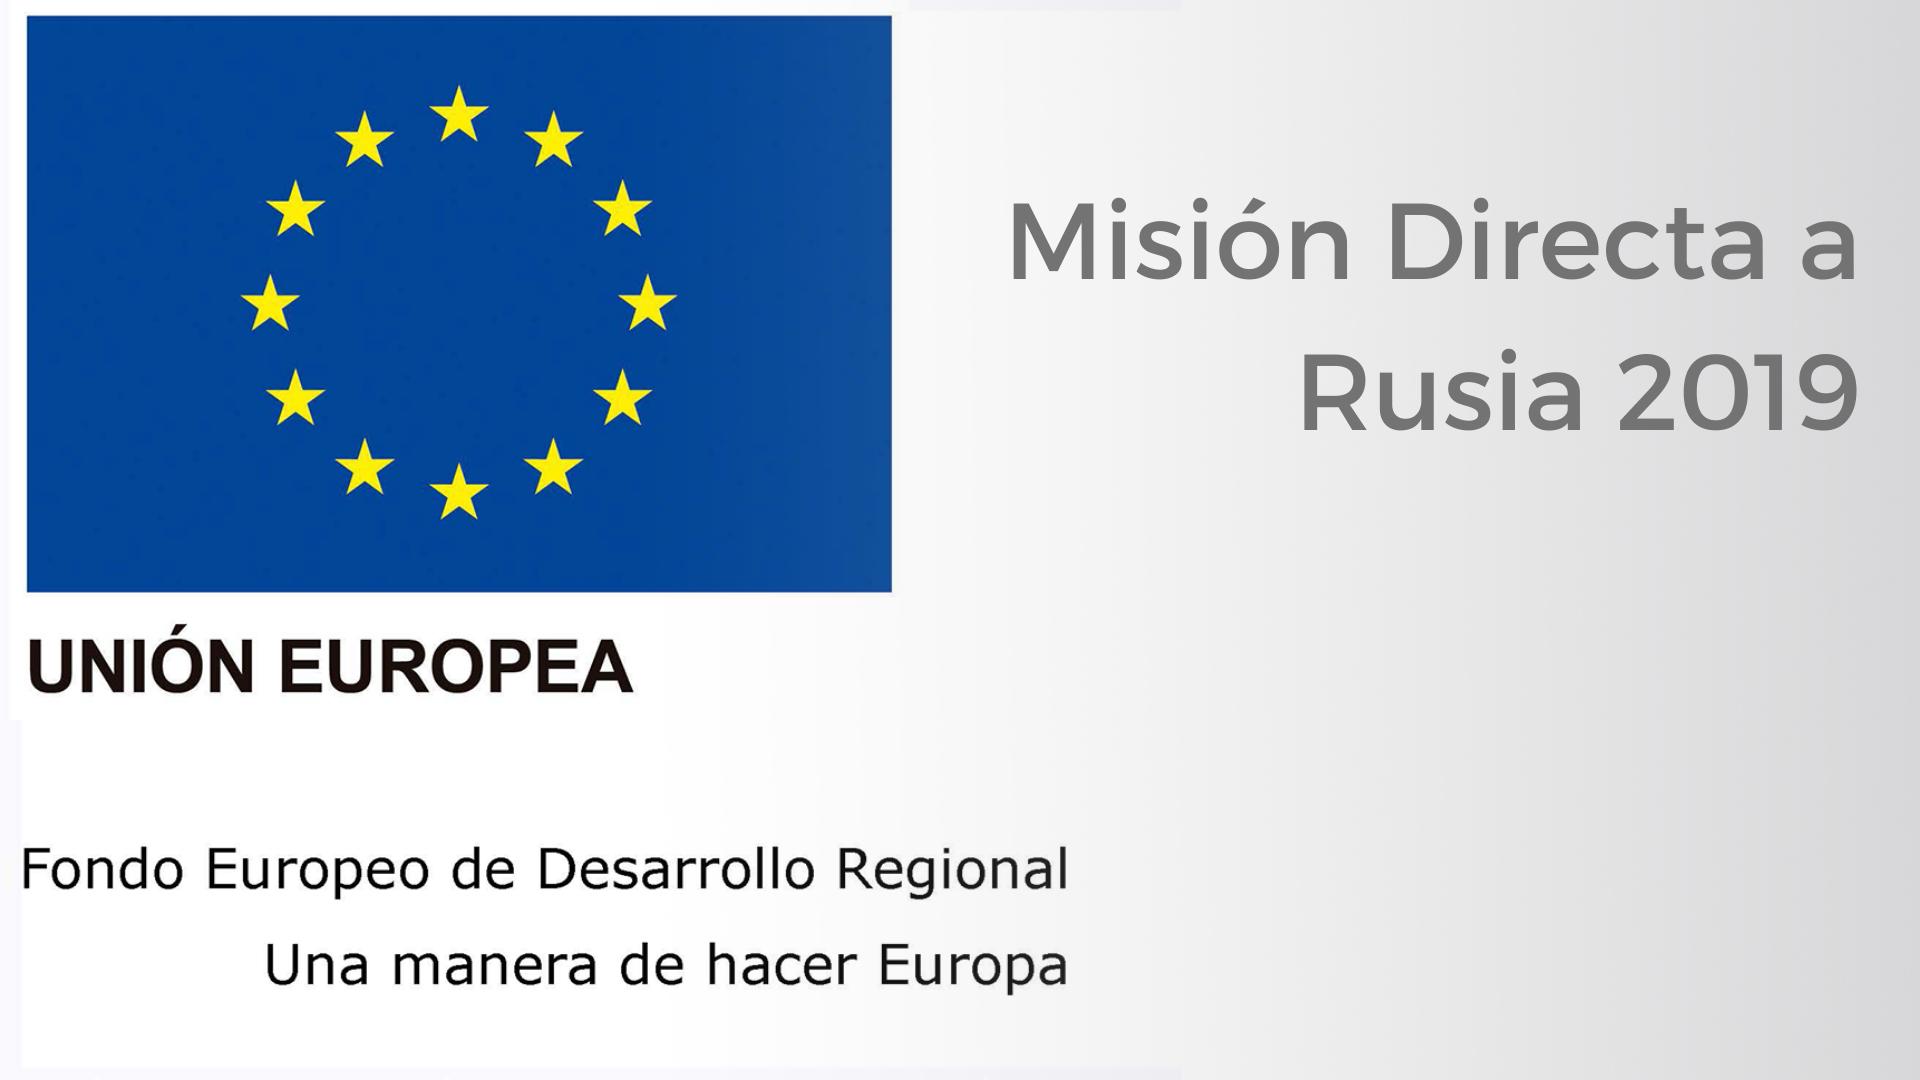 mision directa rusia 2019